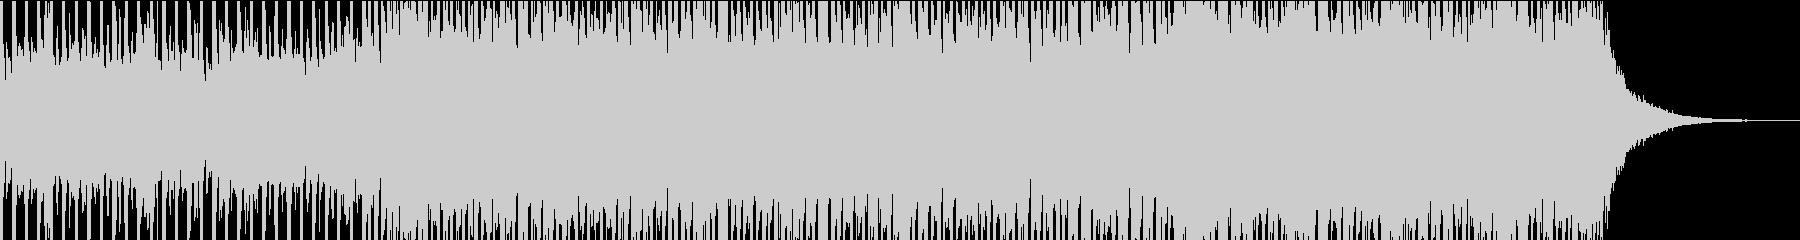 ポップ テクノ ロック コーポレー...の未再生の波形